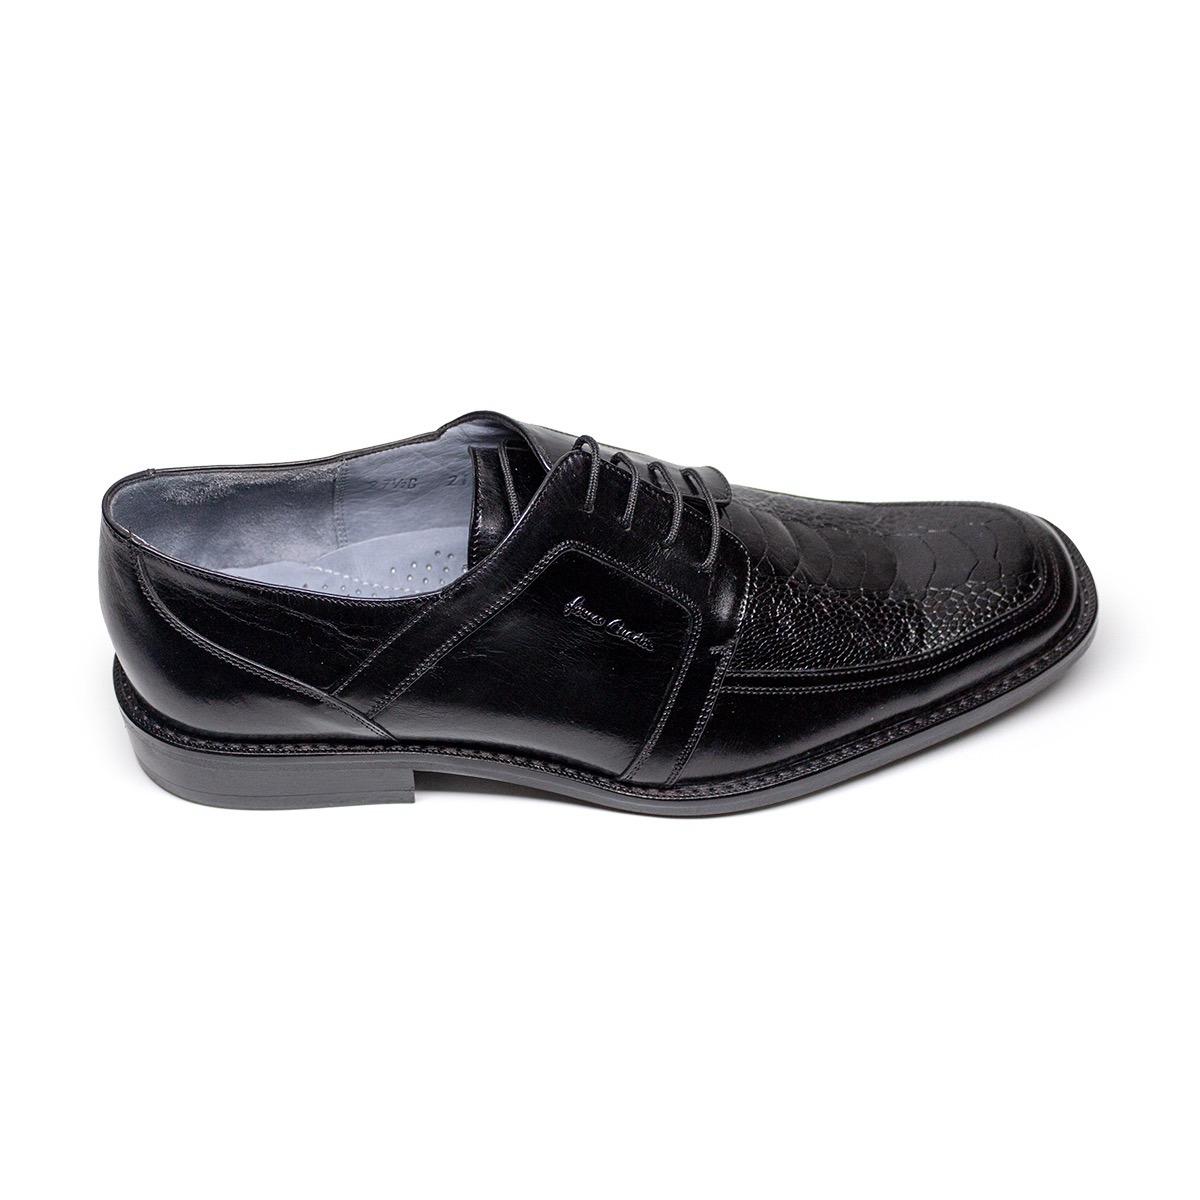 Zapato Cuadra Avestruz Color Negro 399900 En Mercado Libre